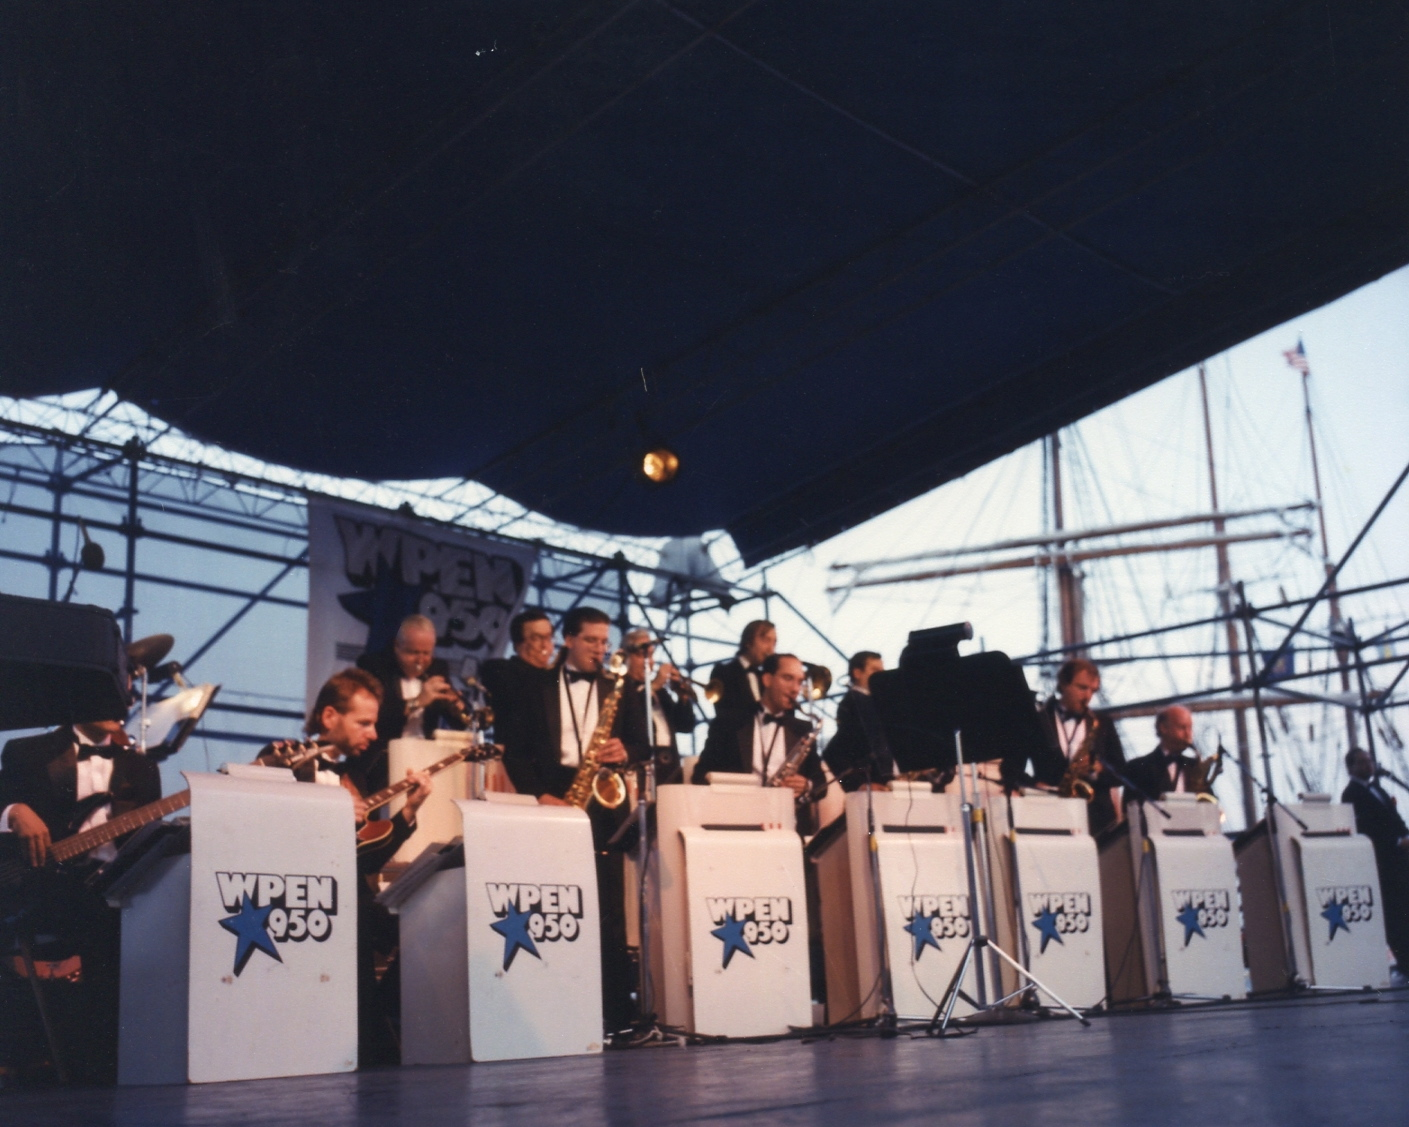 1991-08-01 PENN'S LANDING (6).jpg